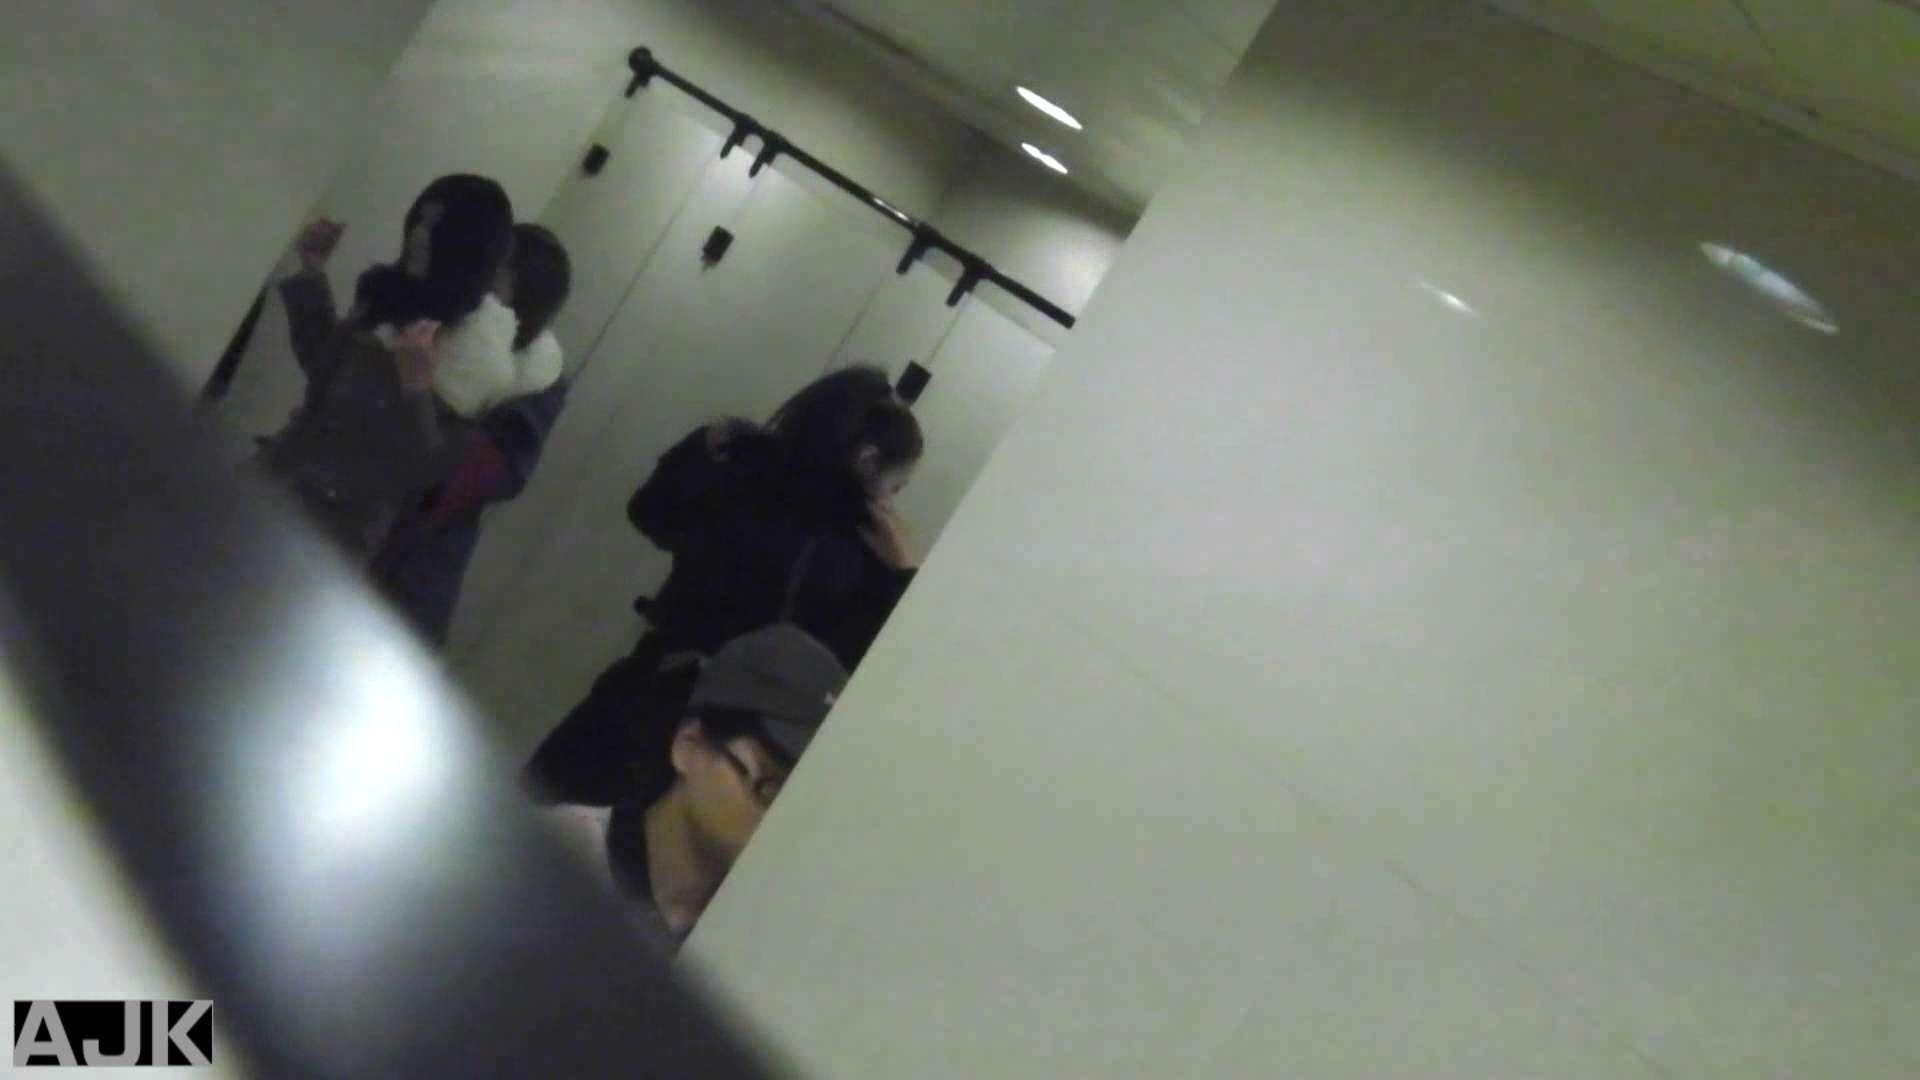 隣国上階級エリアの令嬢たちが集うデパートお手洗い Vol.16 女子トイレ セックス無修正動画無料 91枚 64